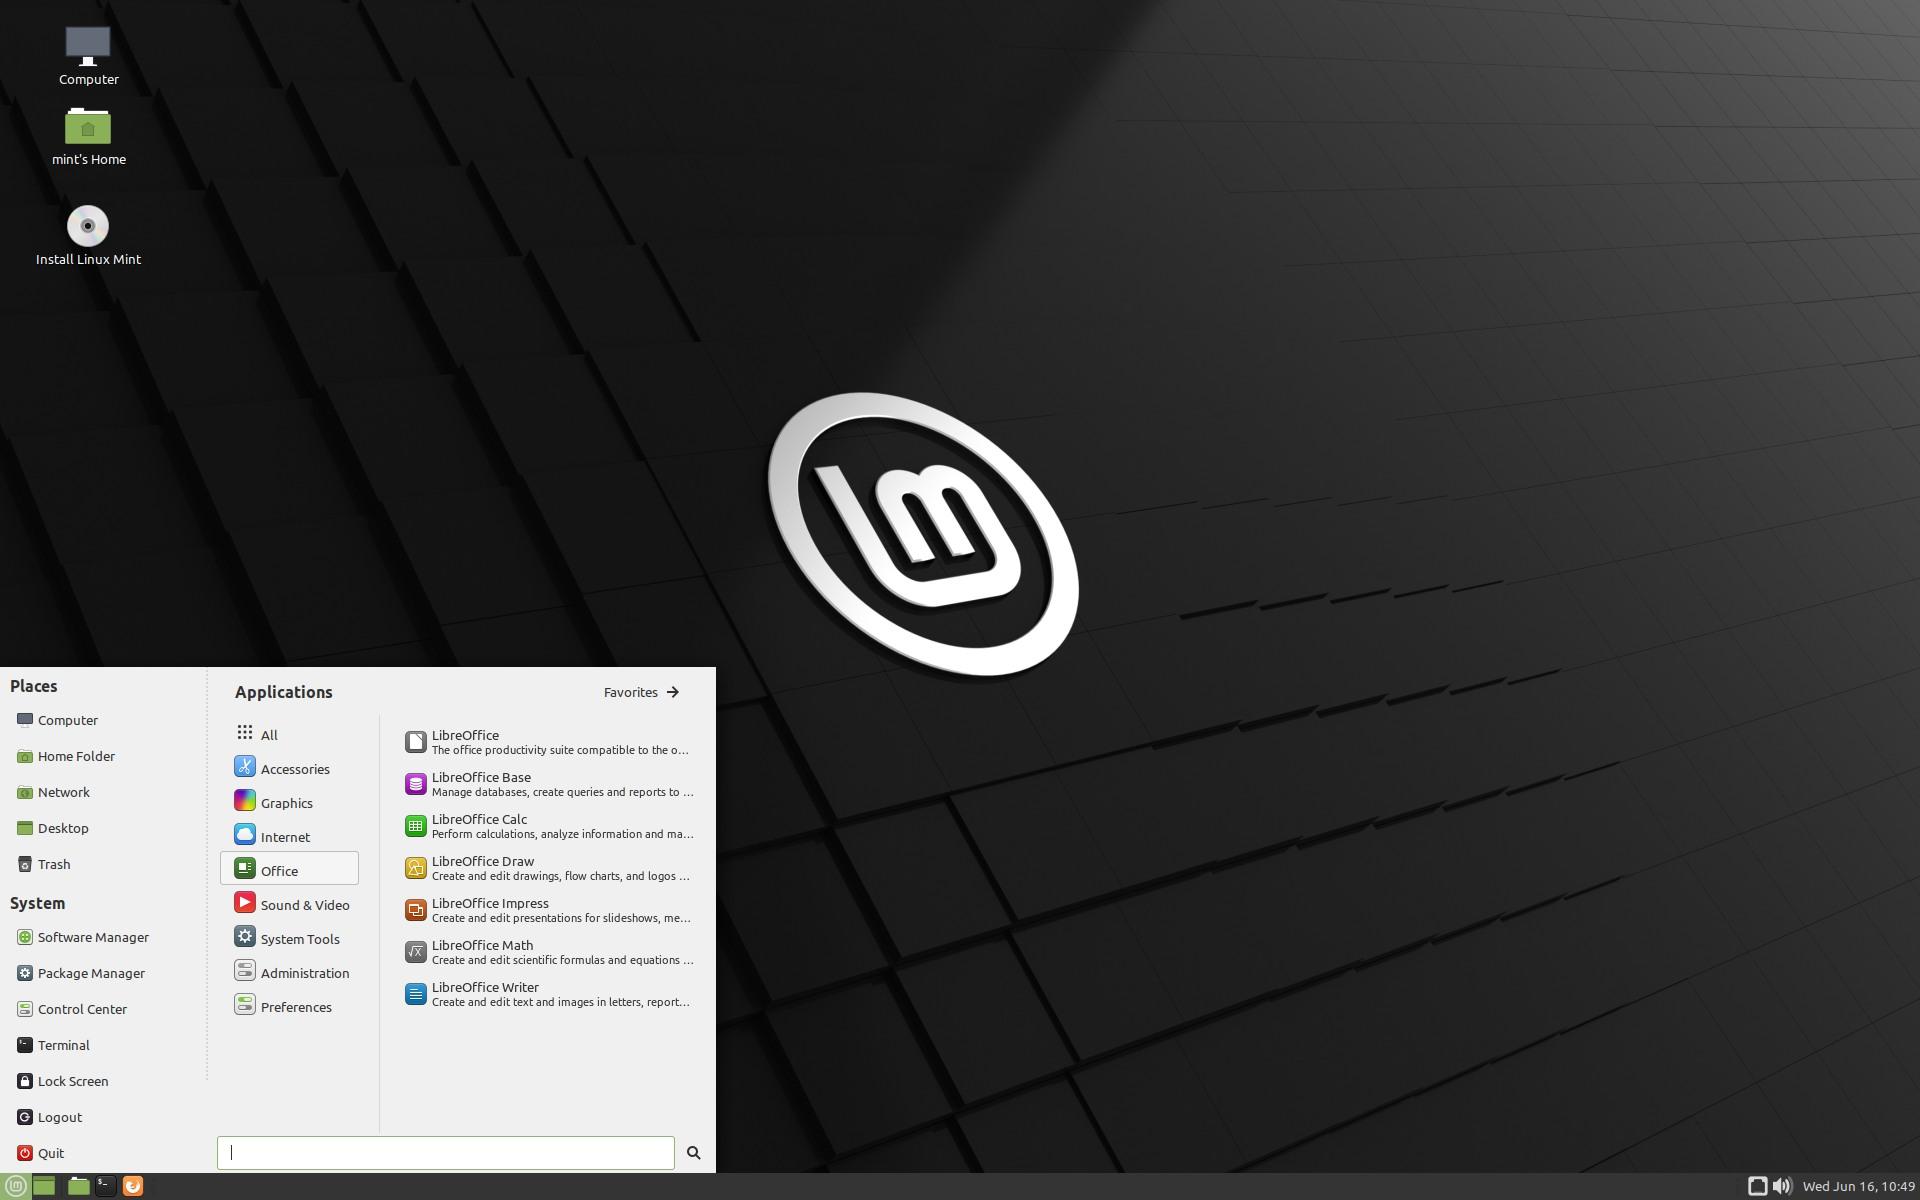 download linux mint 19 rh linux softpedia com Linux Mint Backgrounds Linux Mint Logo